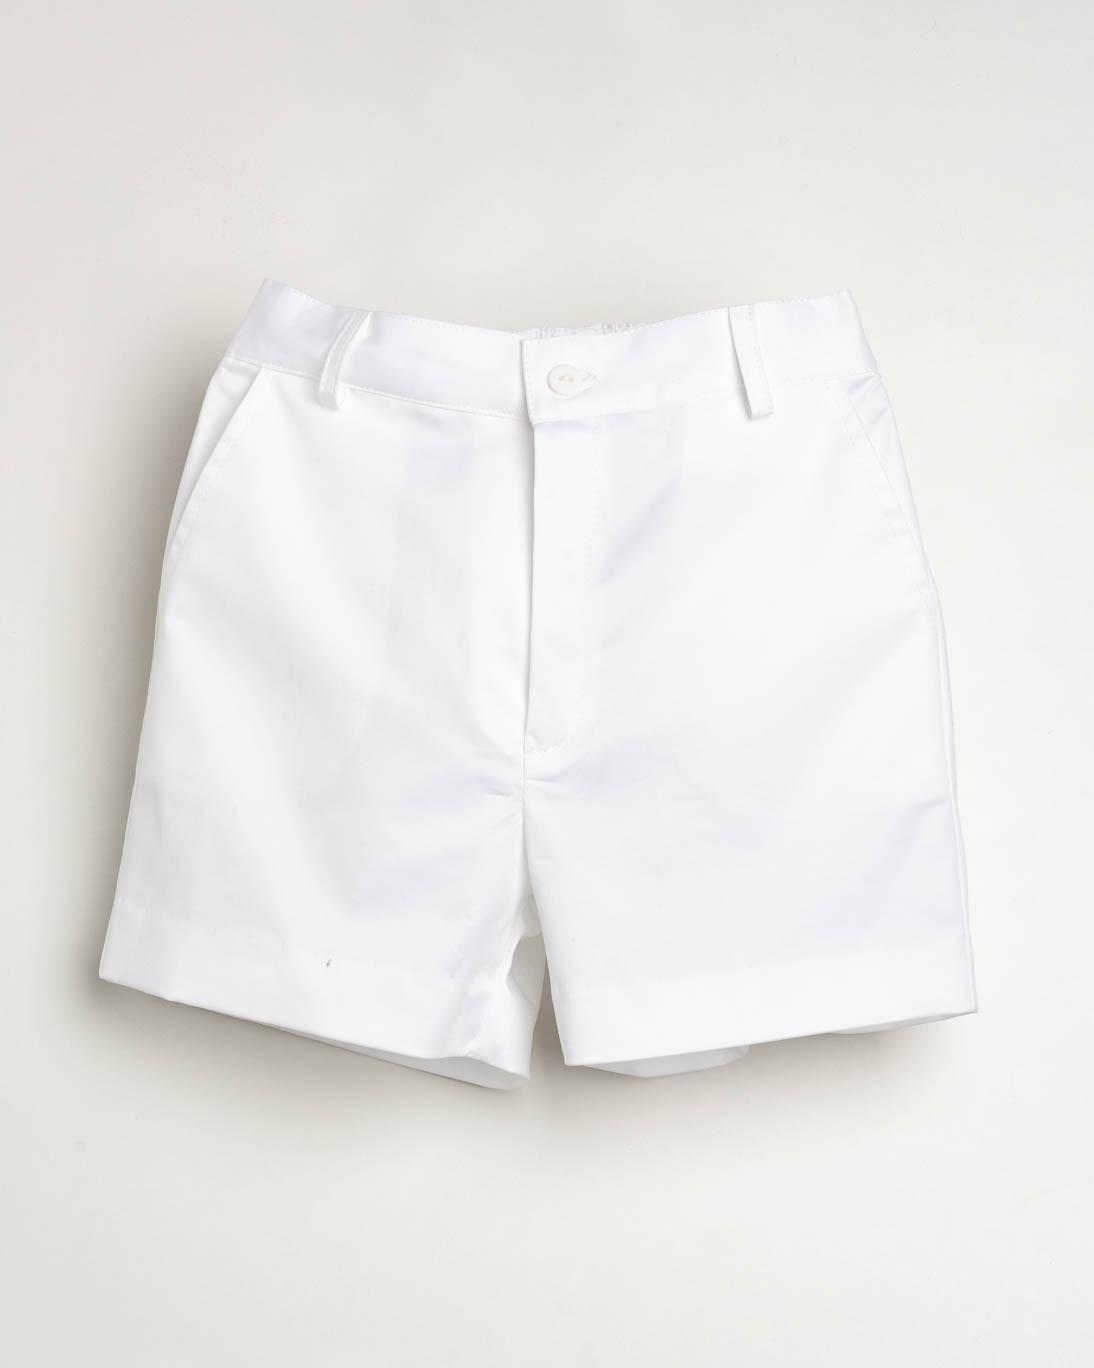 Pantalón Ancar loneta color blanco.